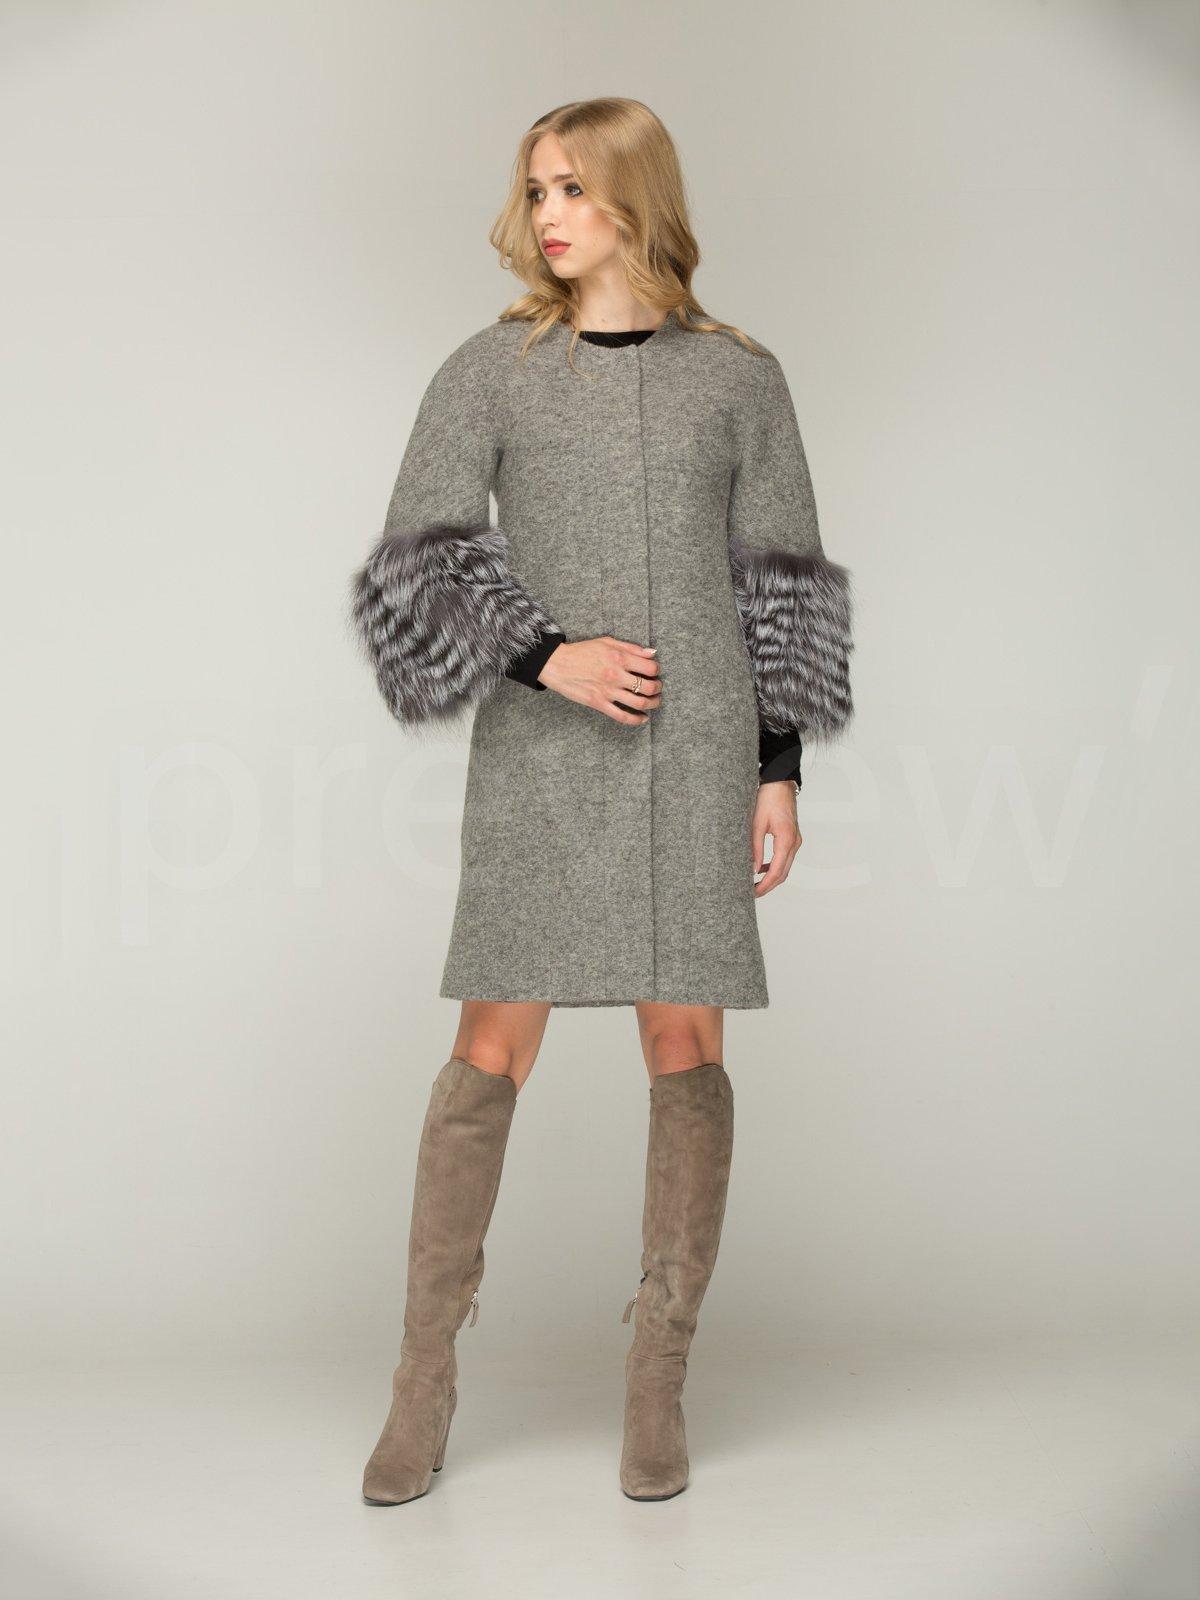 Пальто сіре | 3566470 | фото 2